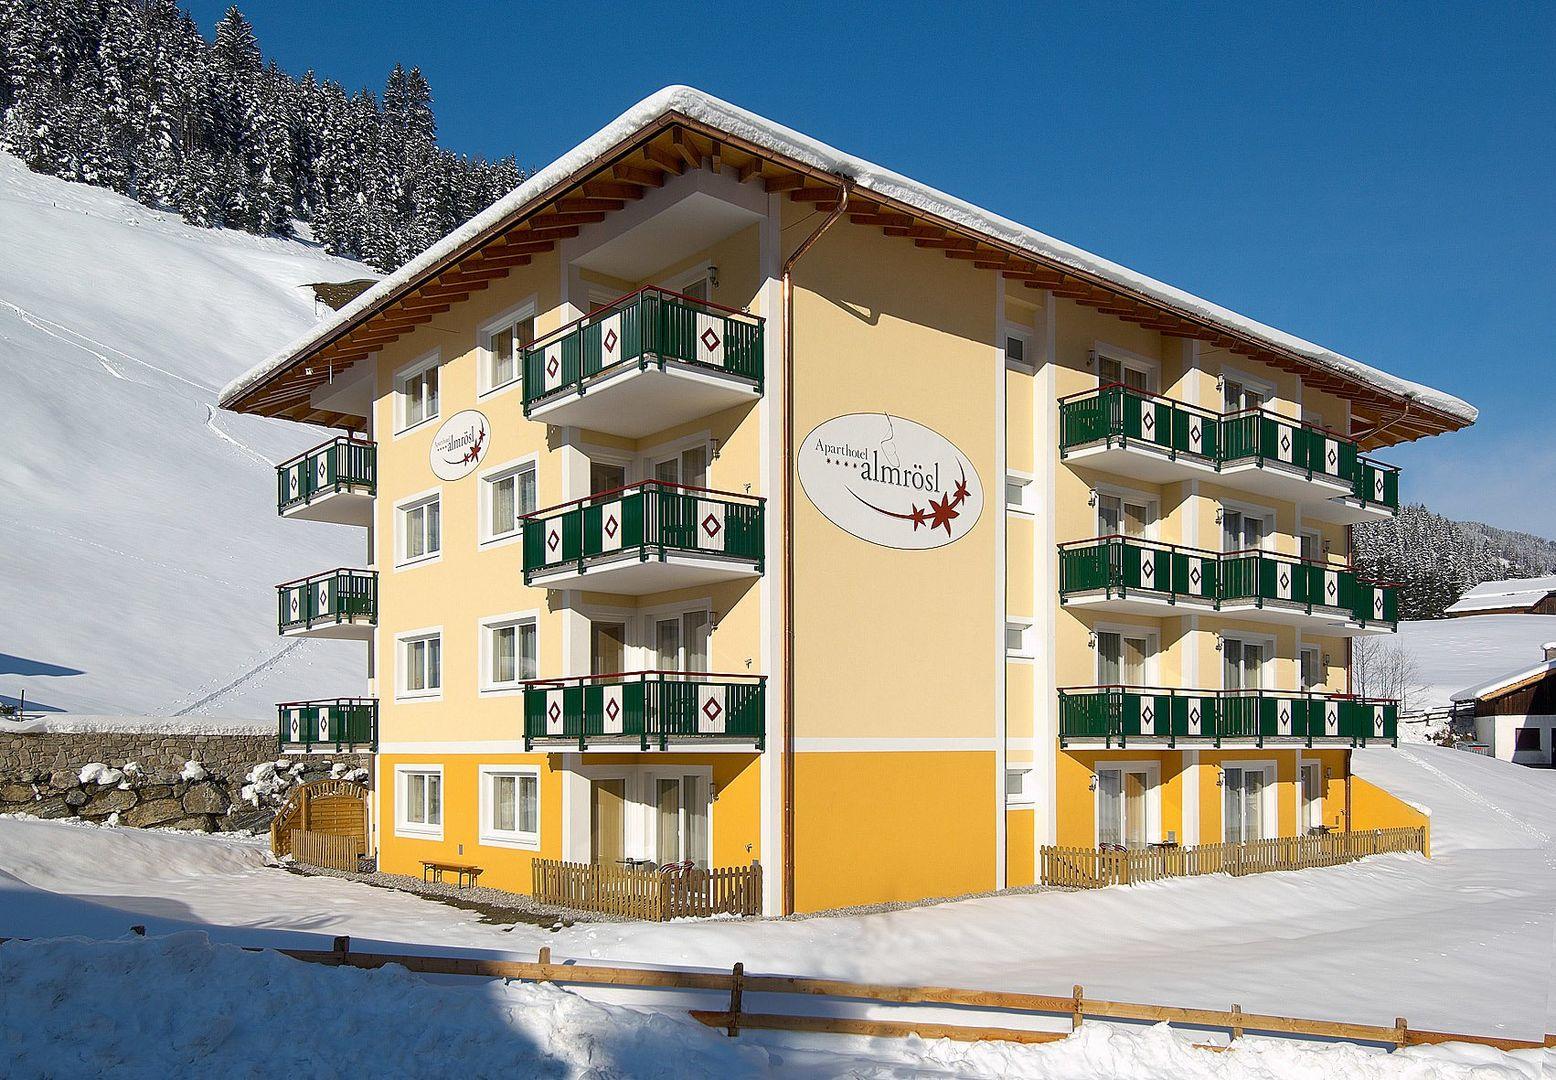 Aparthotel Almrösl